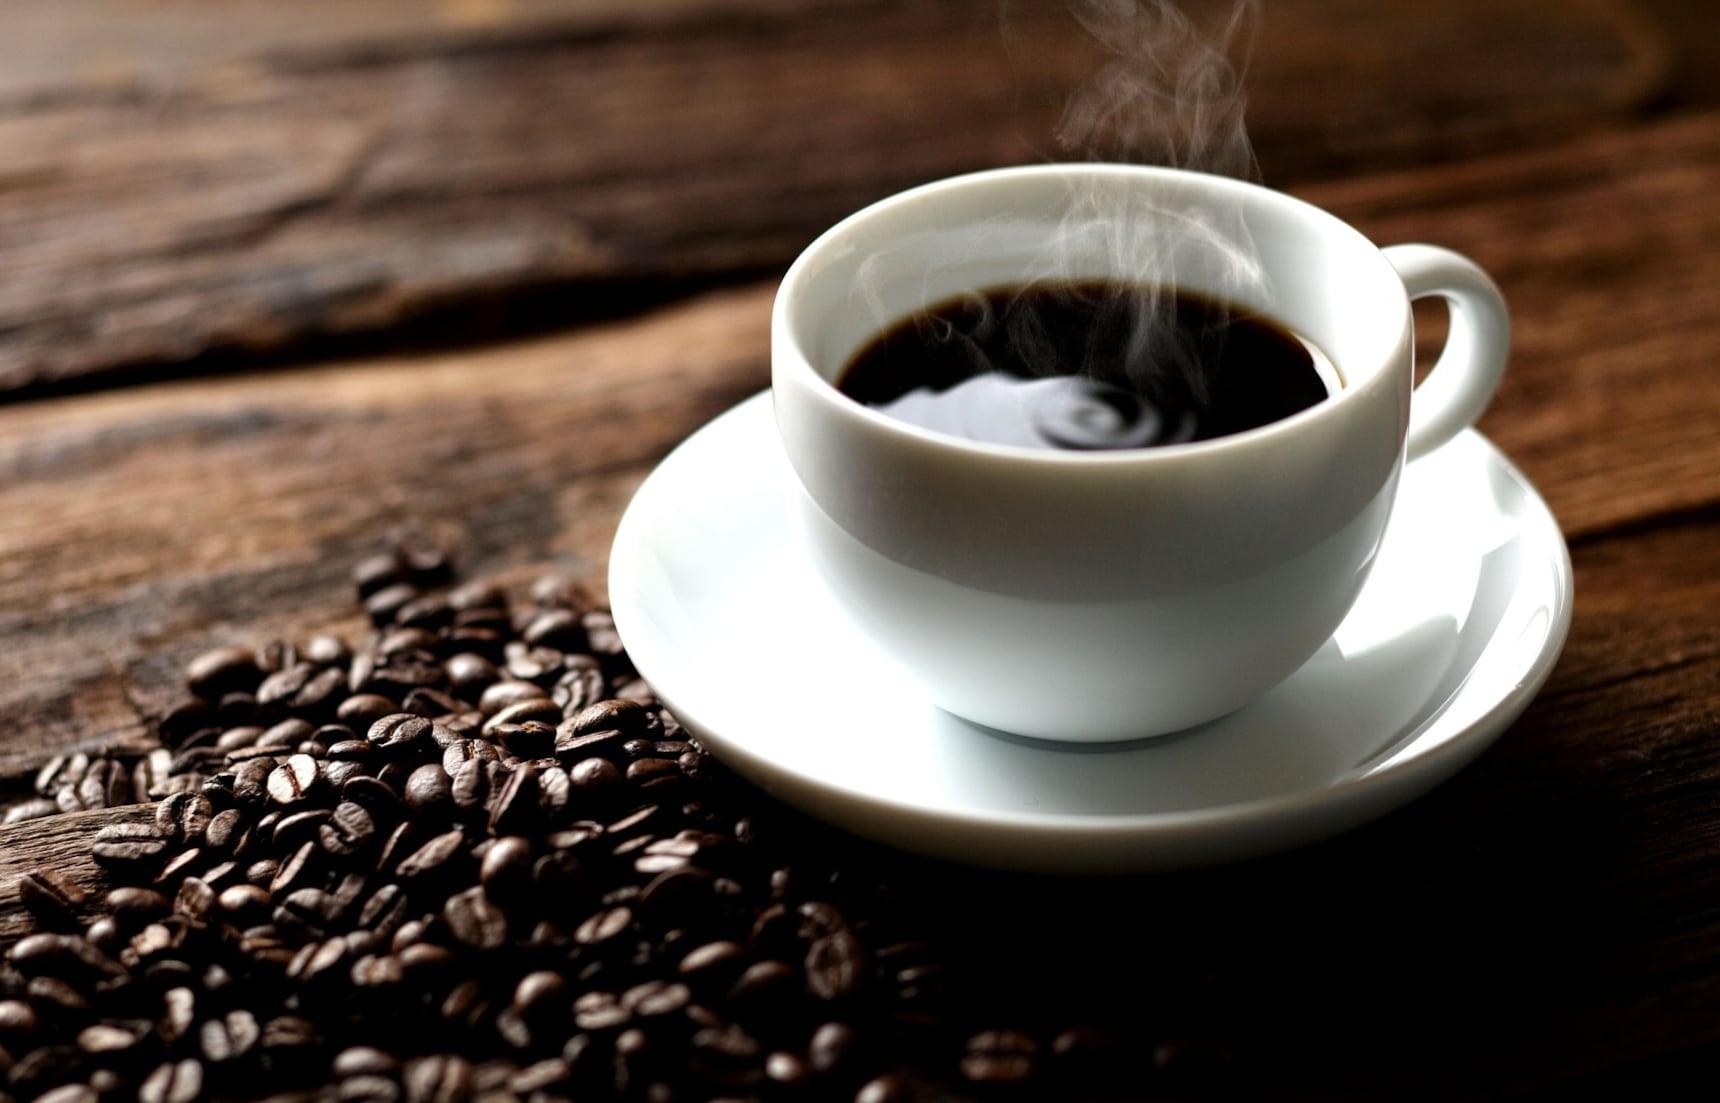 删繁就简多合一,日本咖啡机神器推荐 — 自动篇